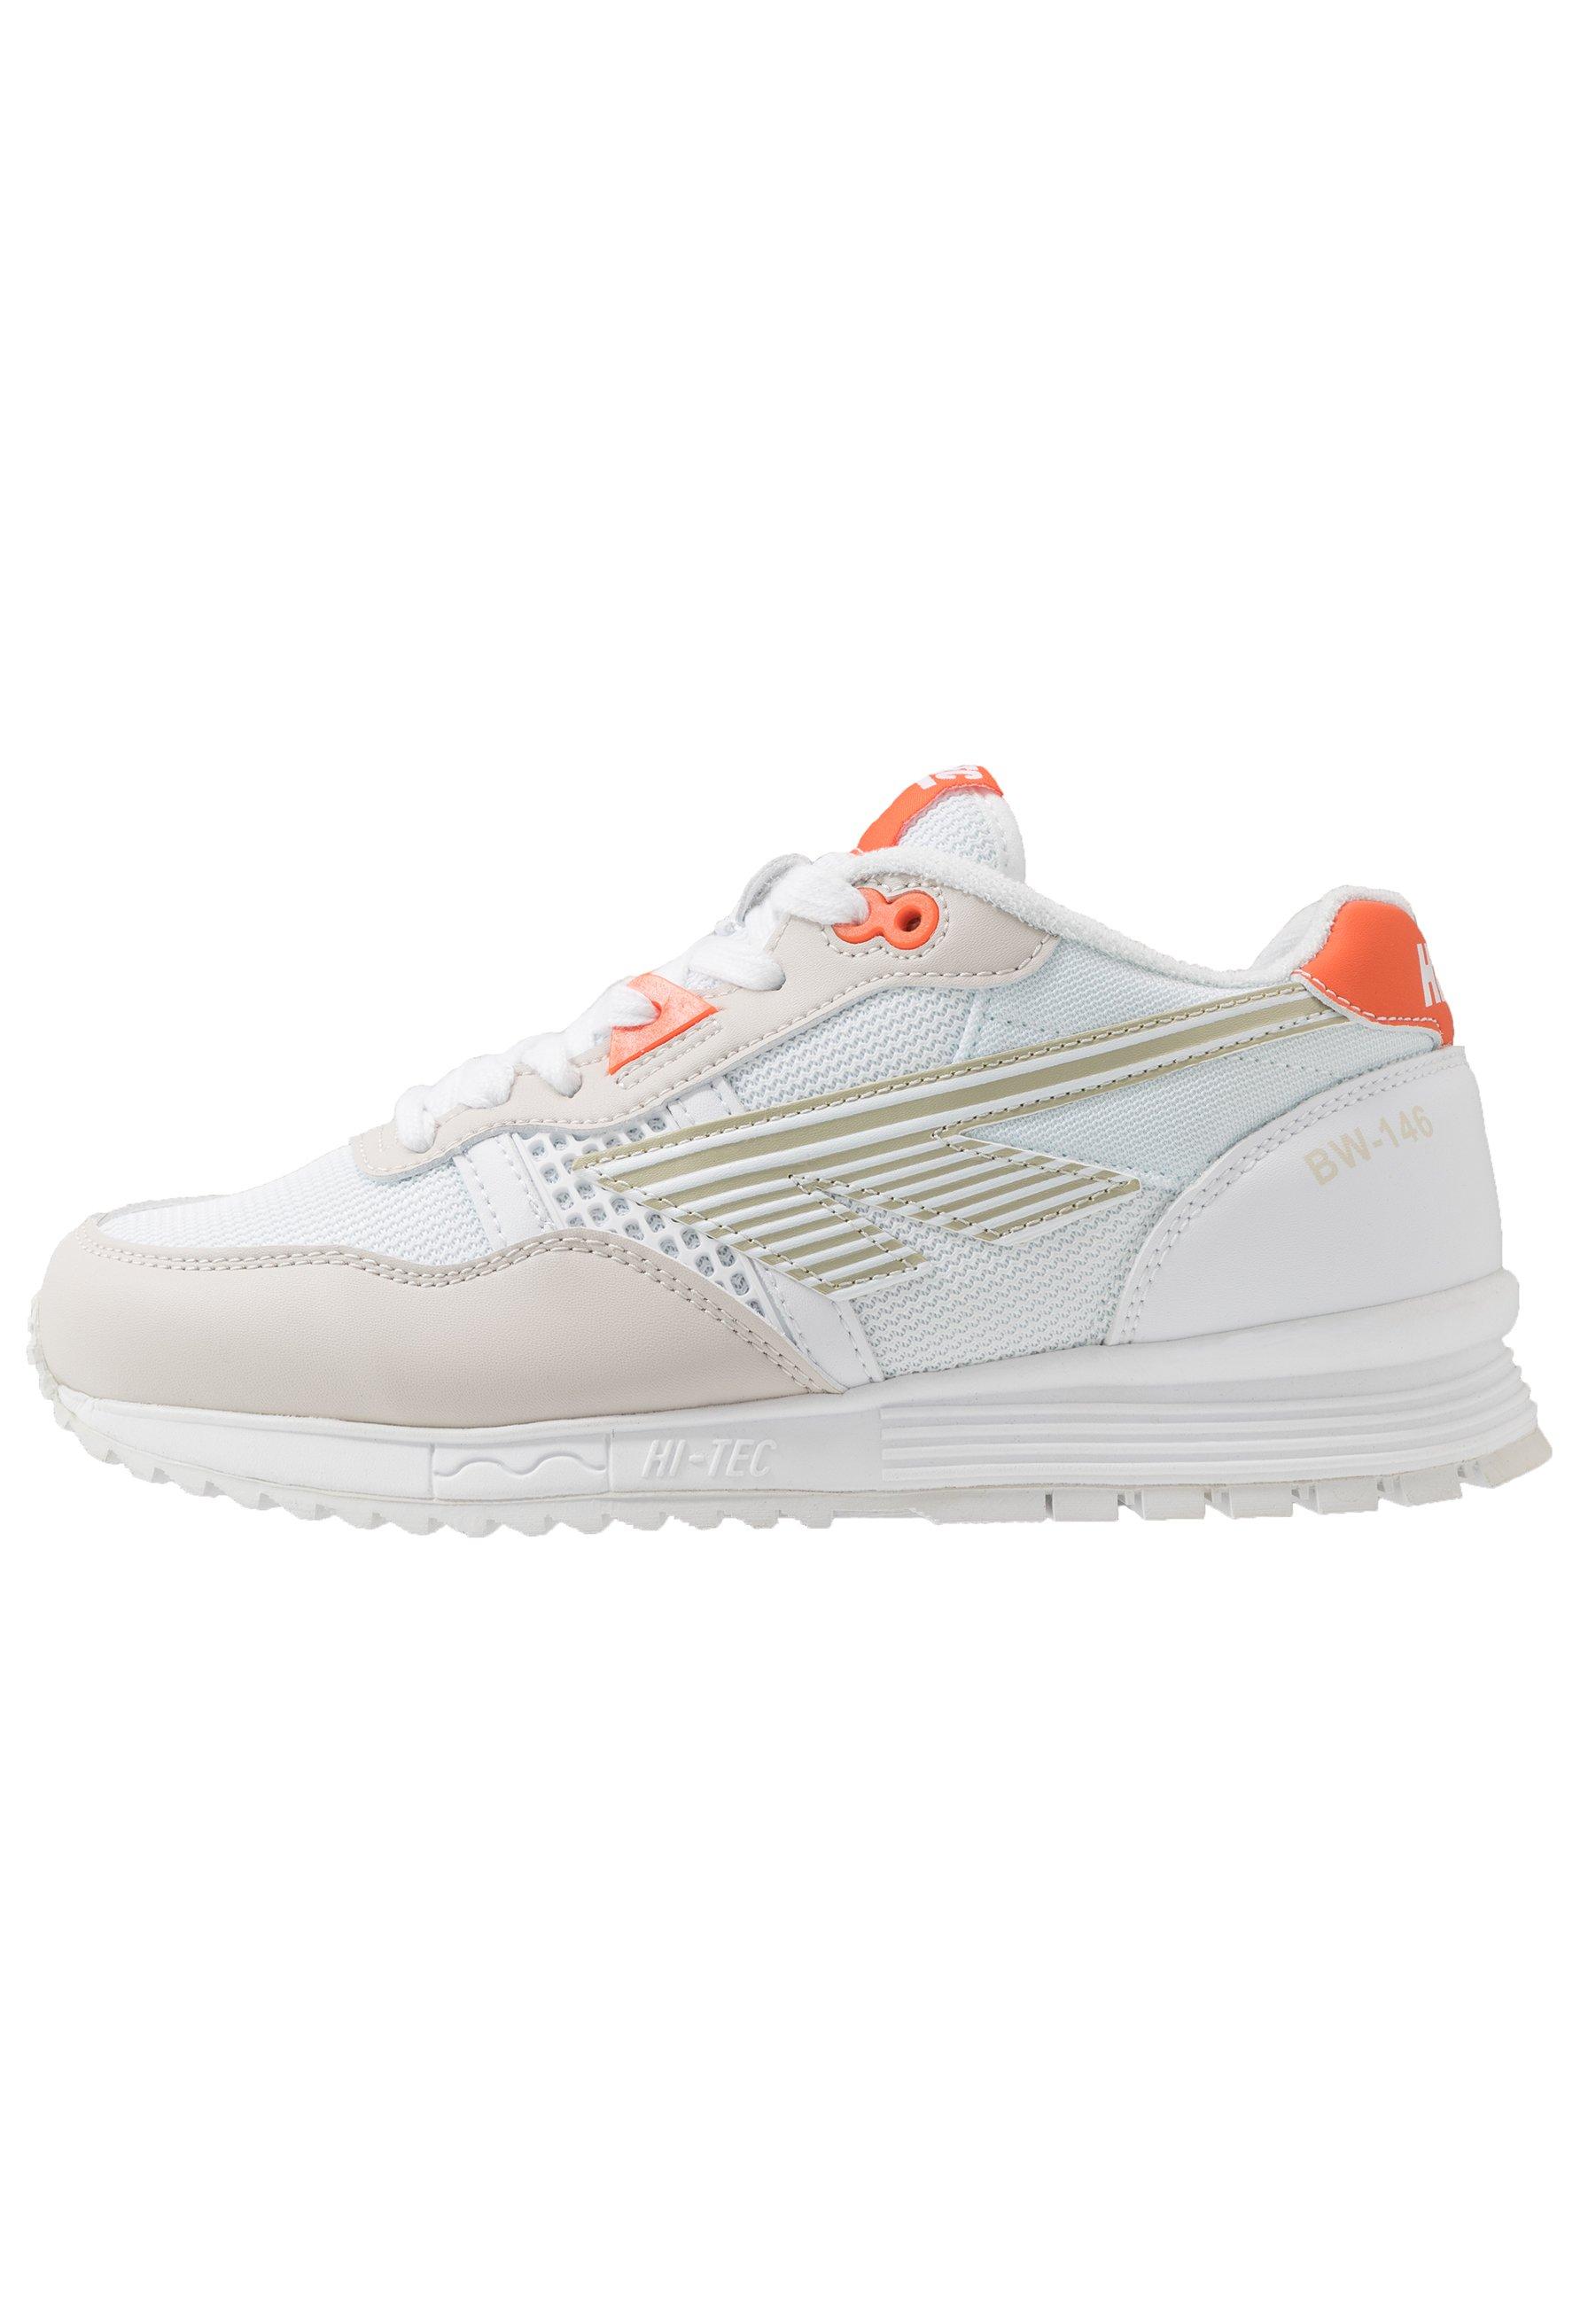 Women BW 146 - Sports shoes